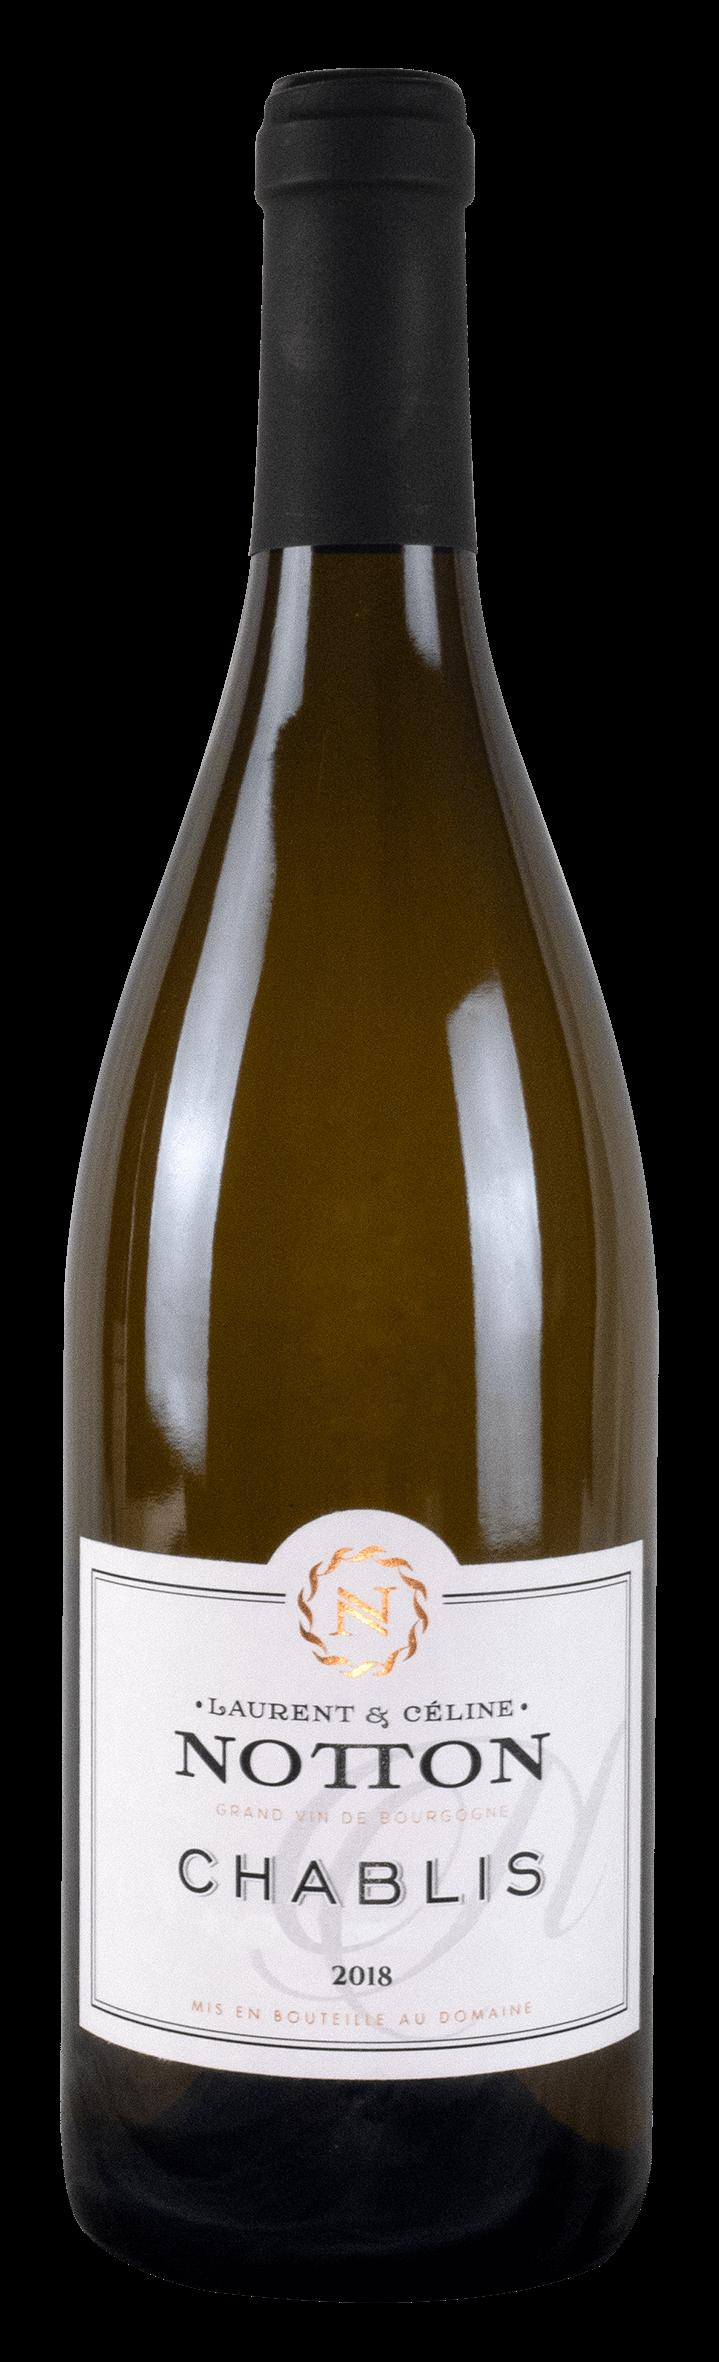 bouteille NOTTON Chablis 2018